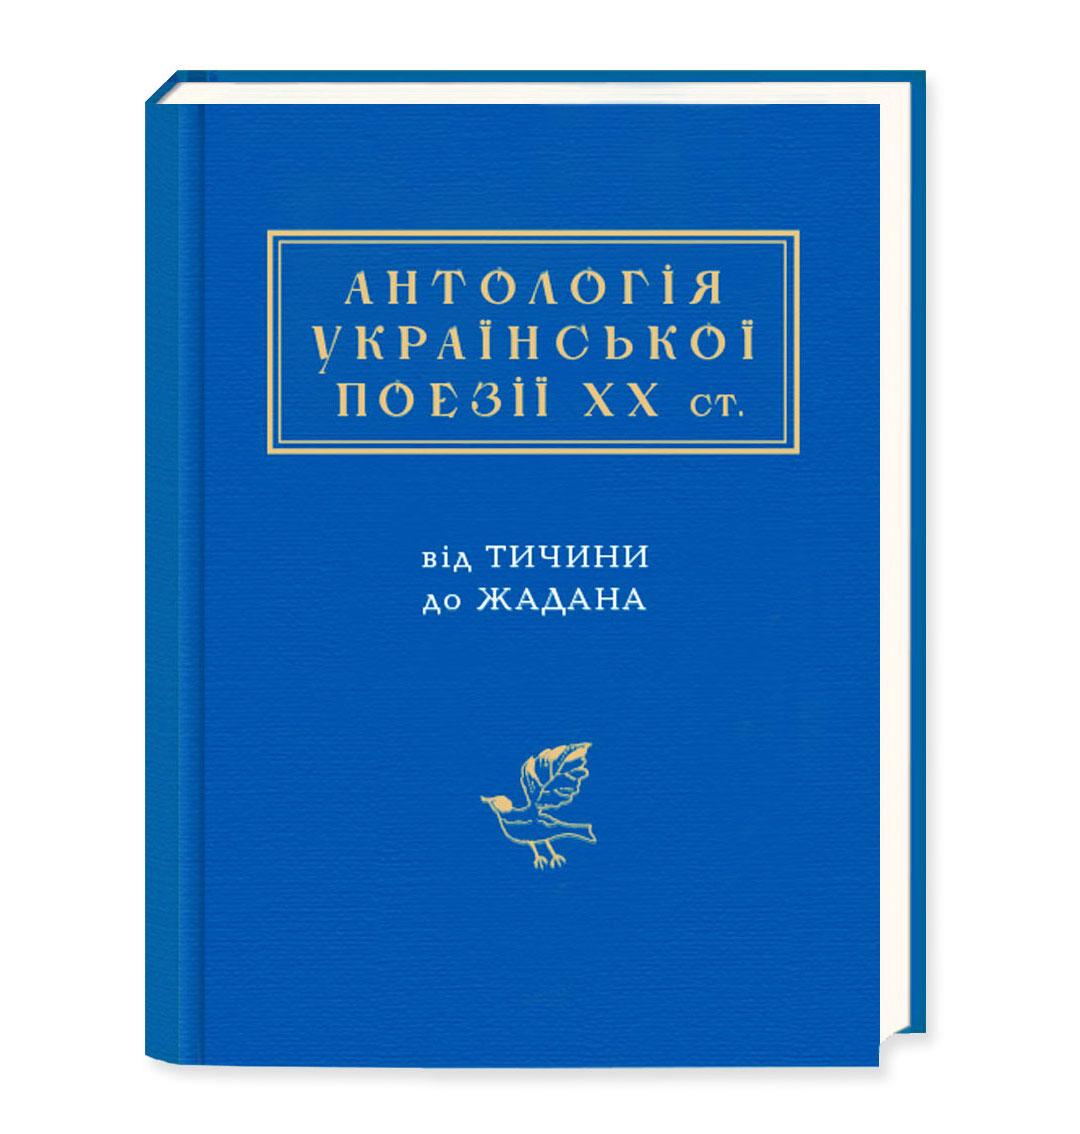 Антологія української поезії ХХ століття: від Тичини до Жадана